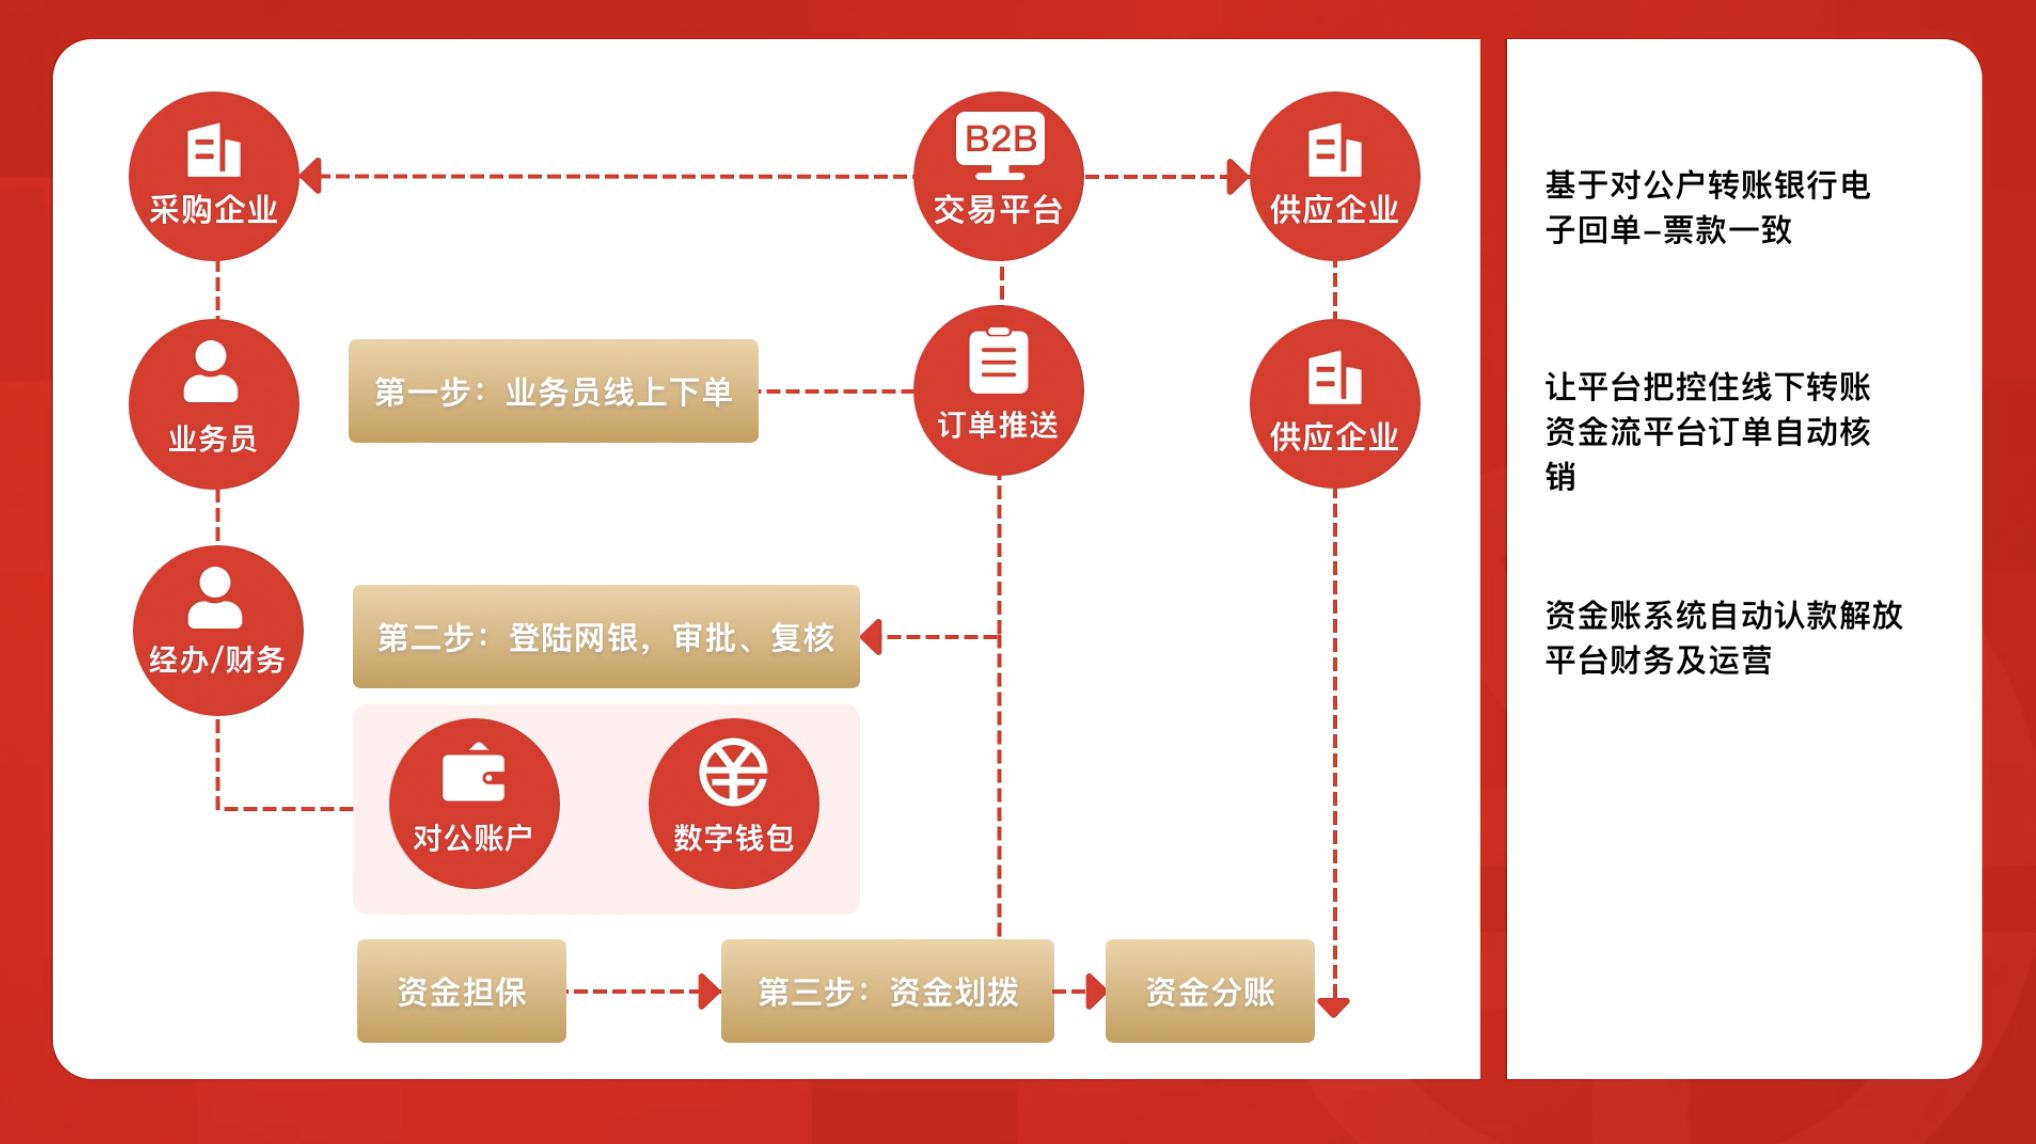 京东实现数字人民币企业支付 京东科技提供技术支持